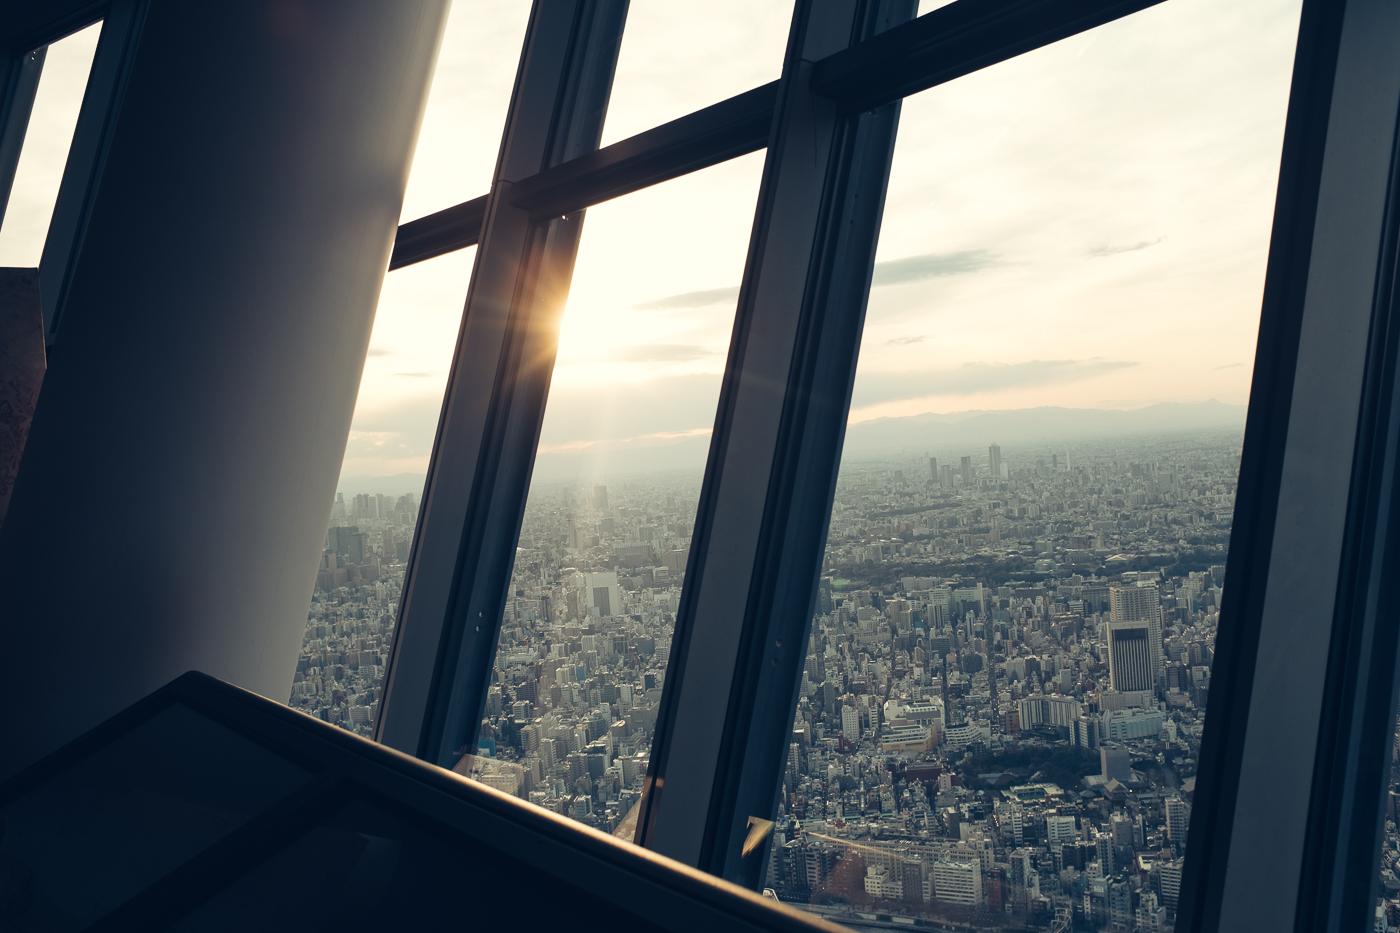 Quelques rayons de soleil traversent les vitres de l'observatoire du Tokyo skytree